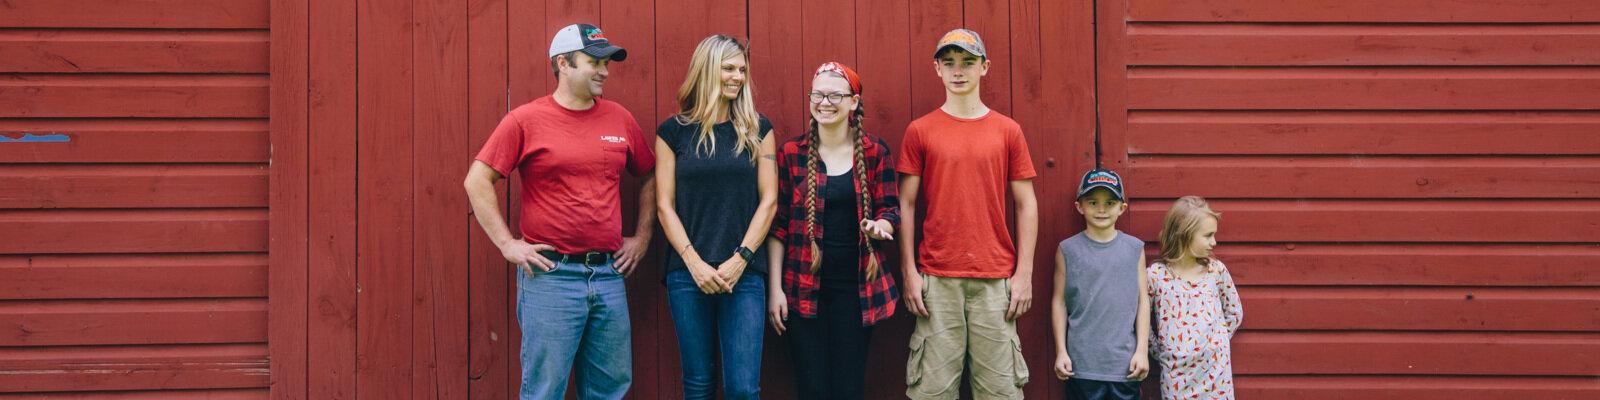 Lucas Dairy Farm LLC